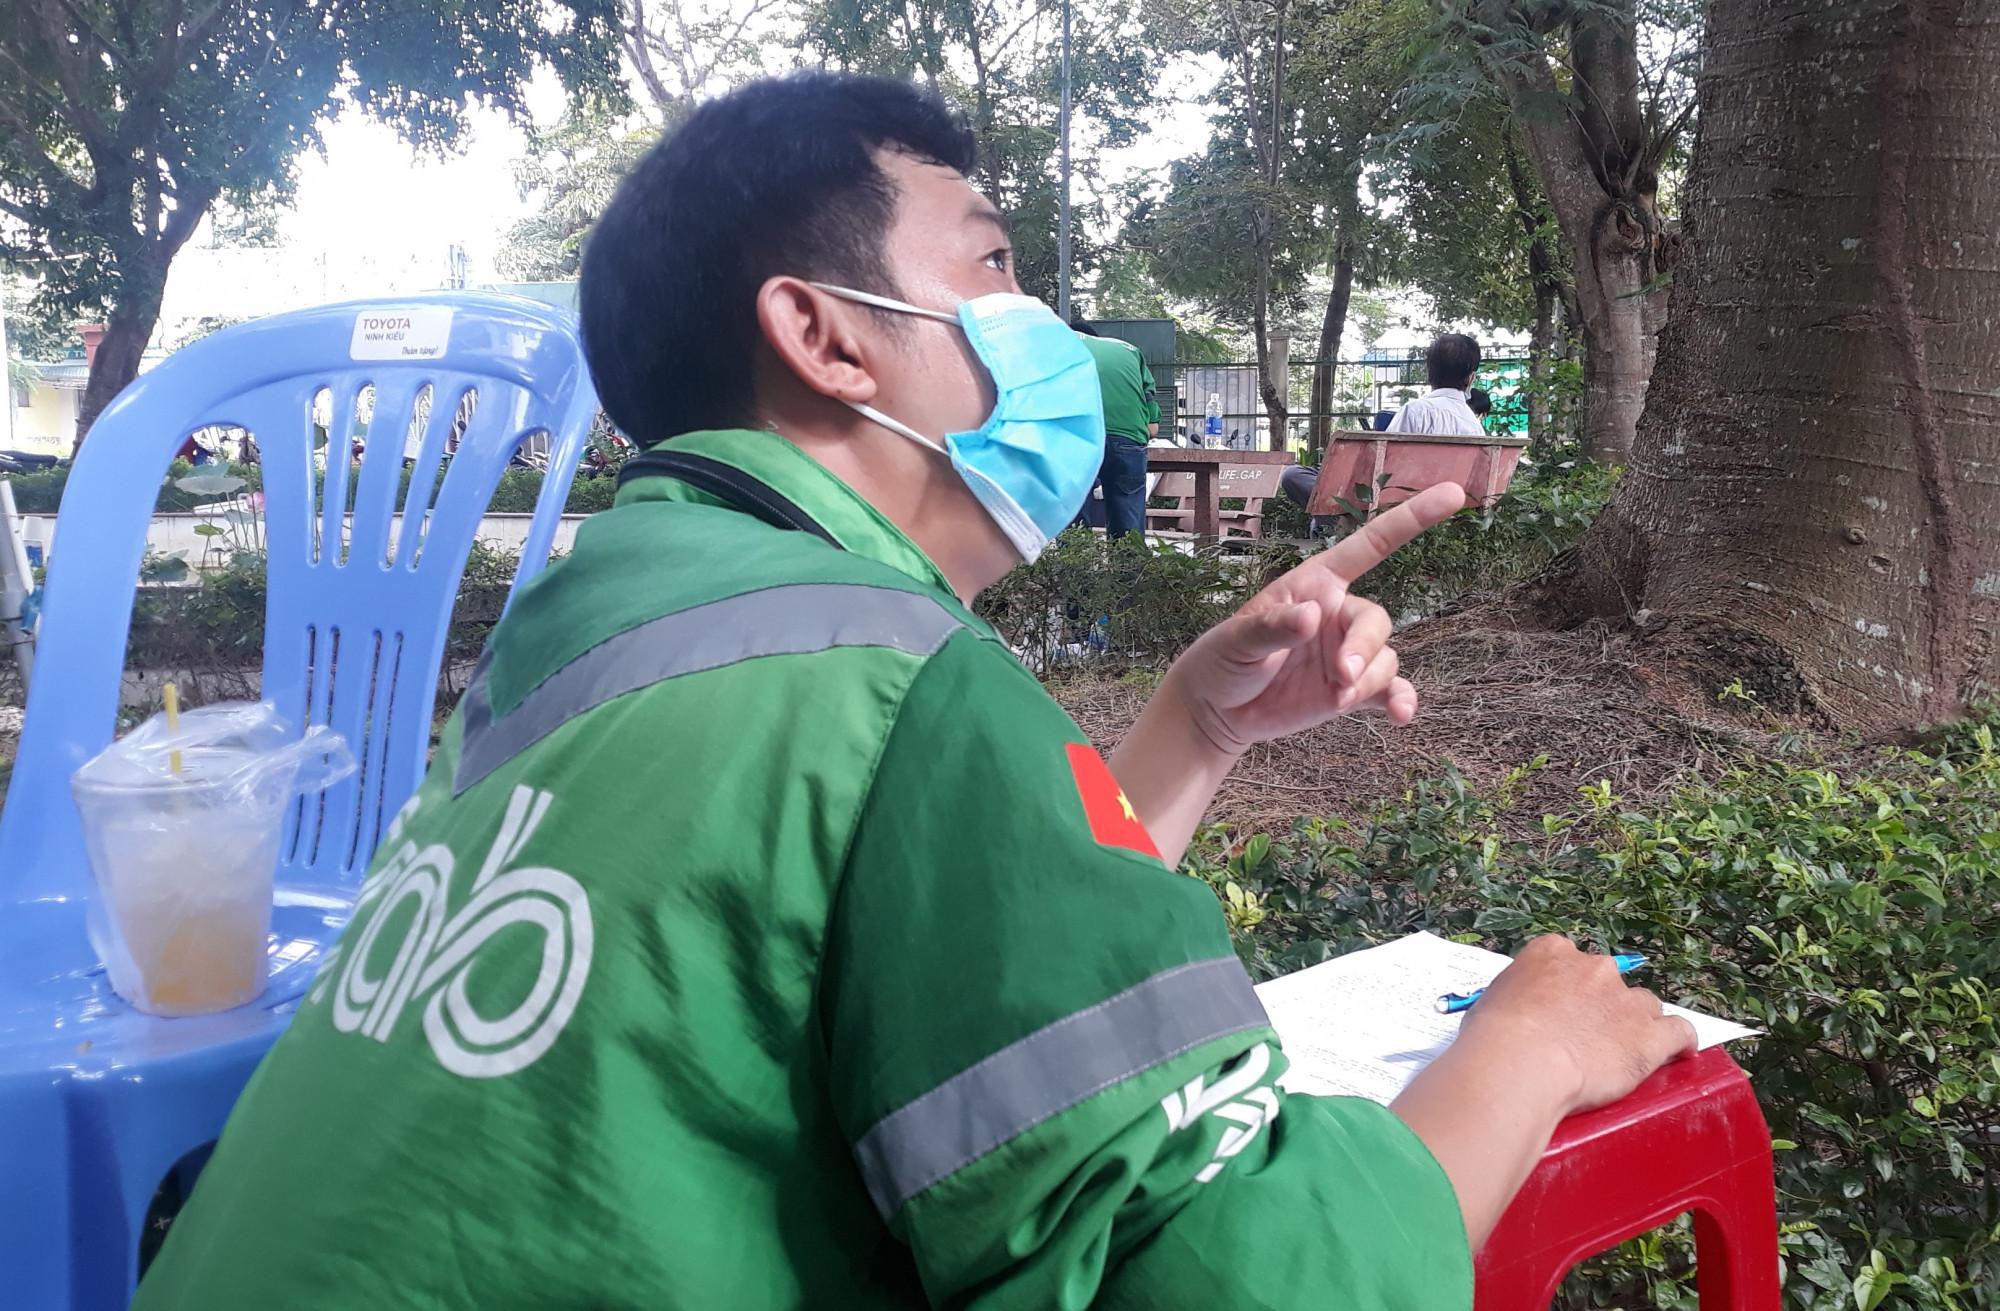 Người chạy xe công nghệ, shipper trên địa bàn Cần Thơ thực hiện các thủ tục đăng ký tiêm vắc xin ngừa COVID-19